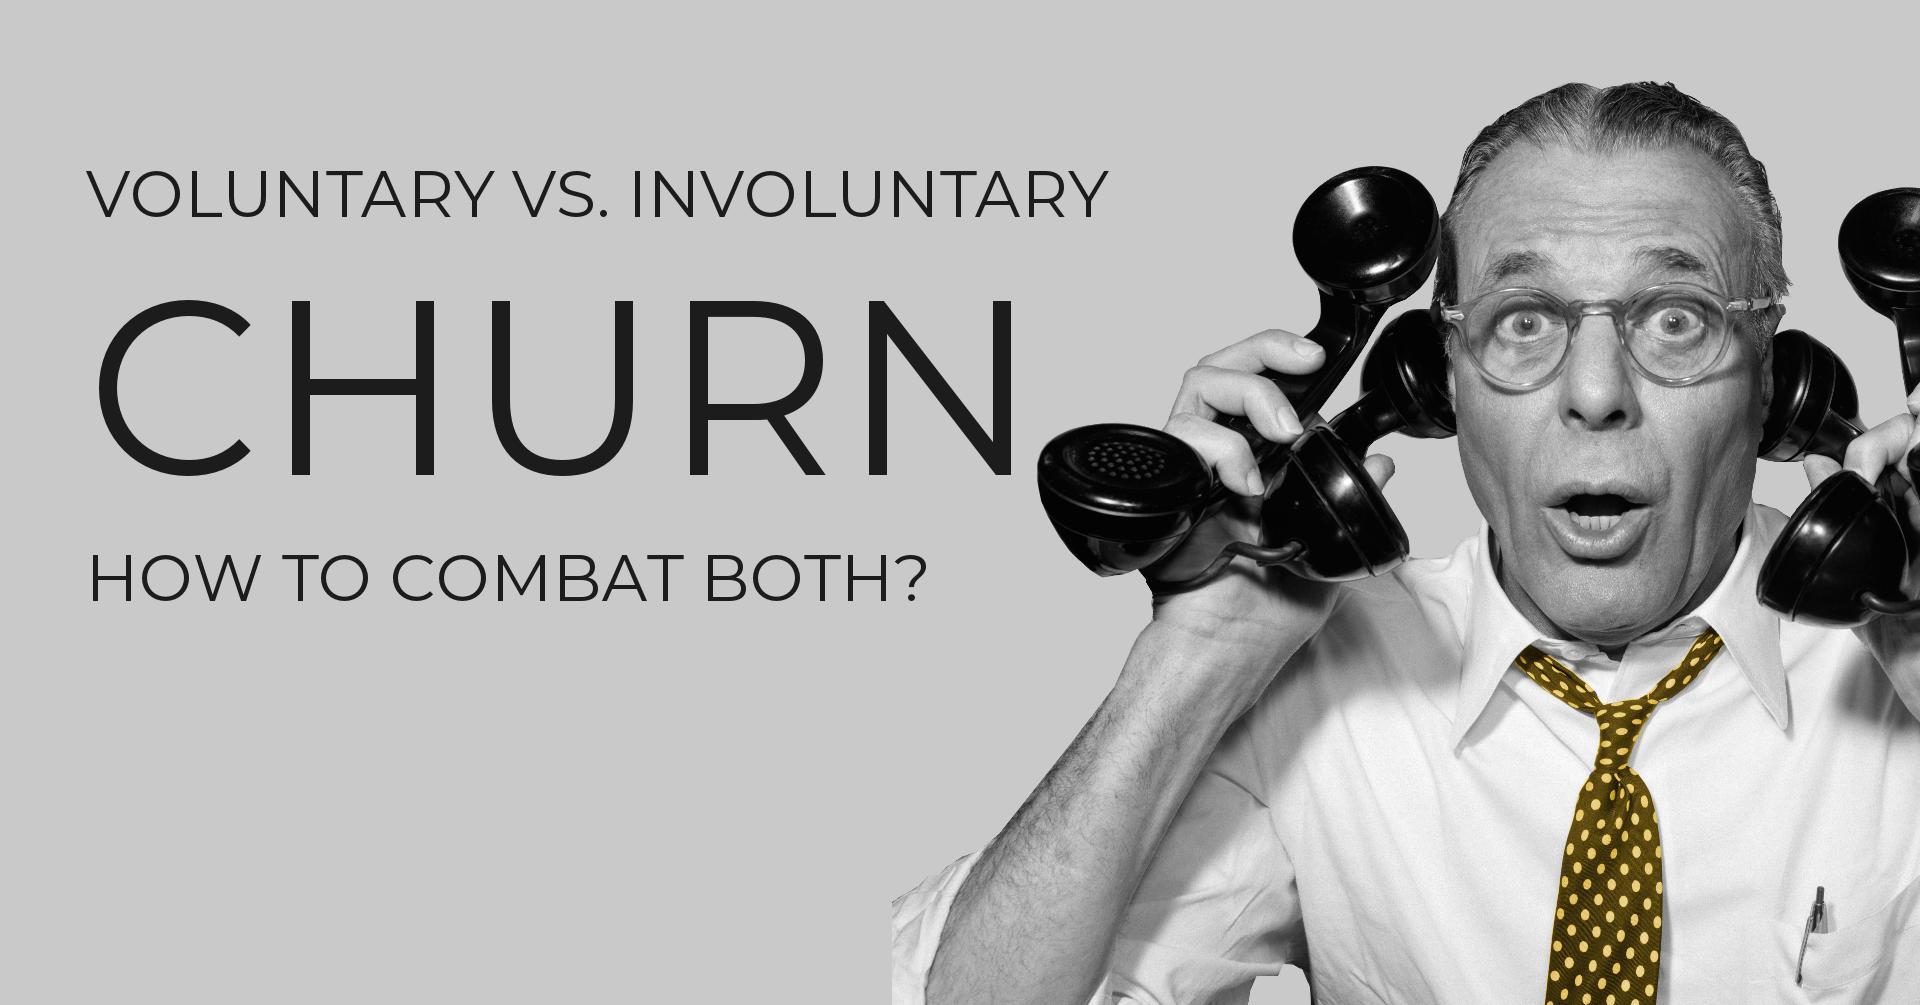 Voluntary vs. Involuntary churn - How to combat both?